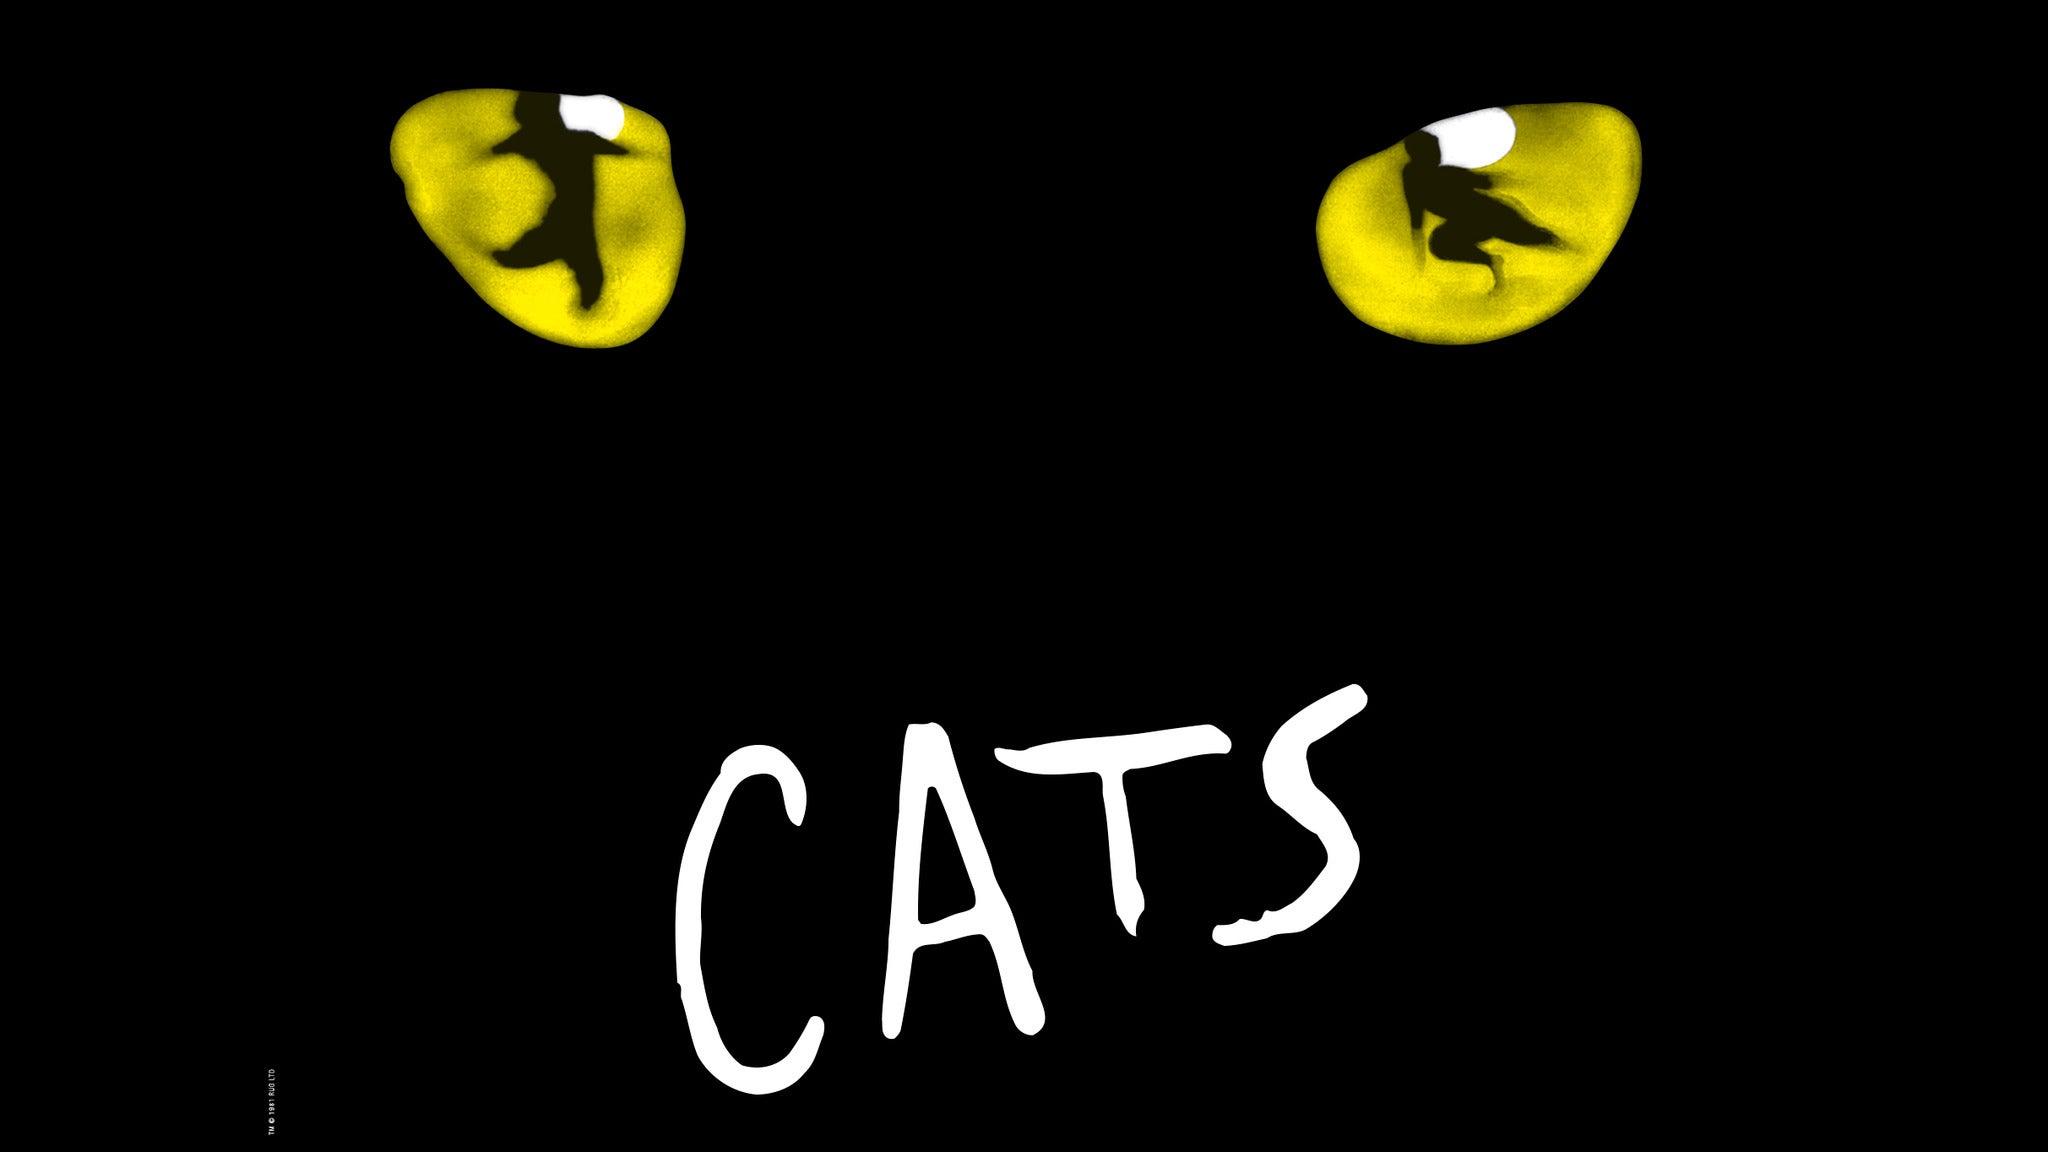 Cats (NY)